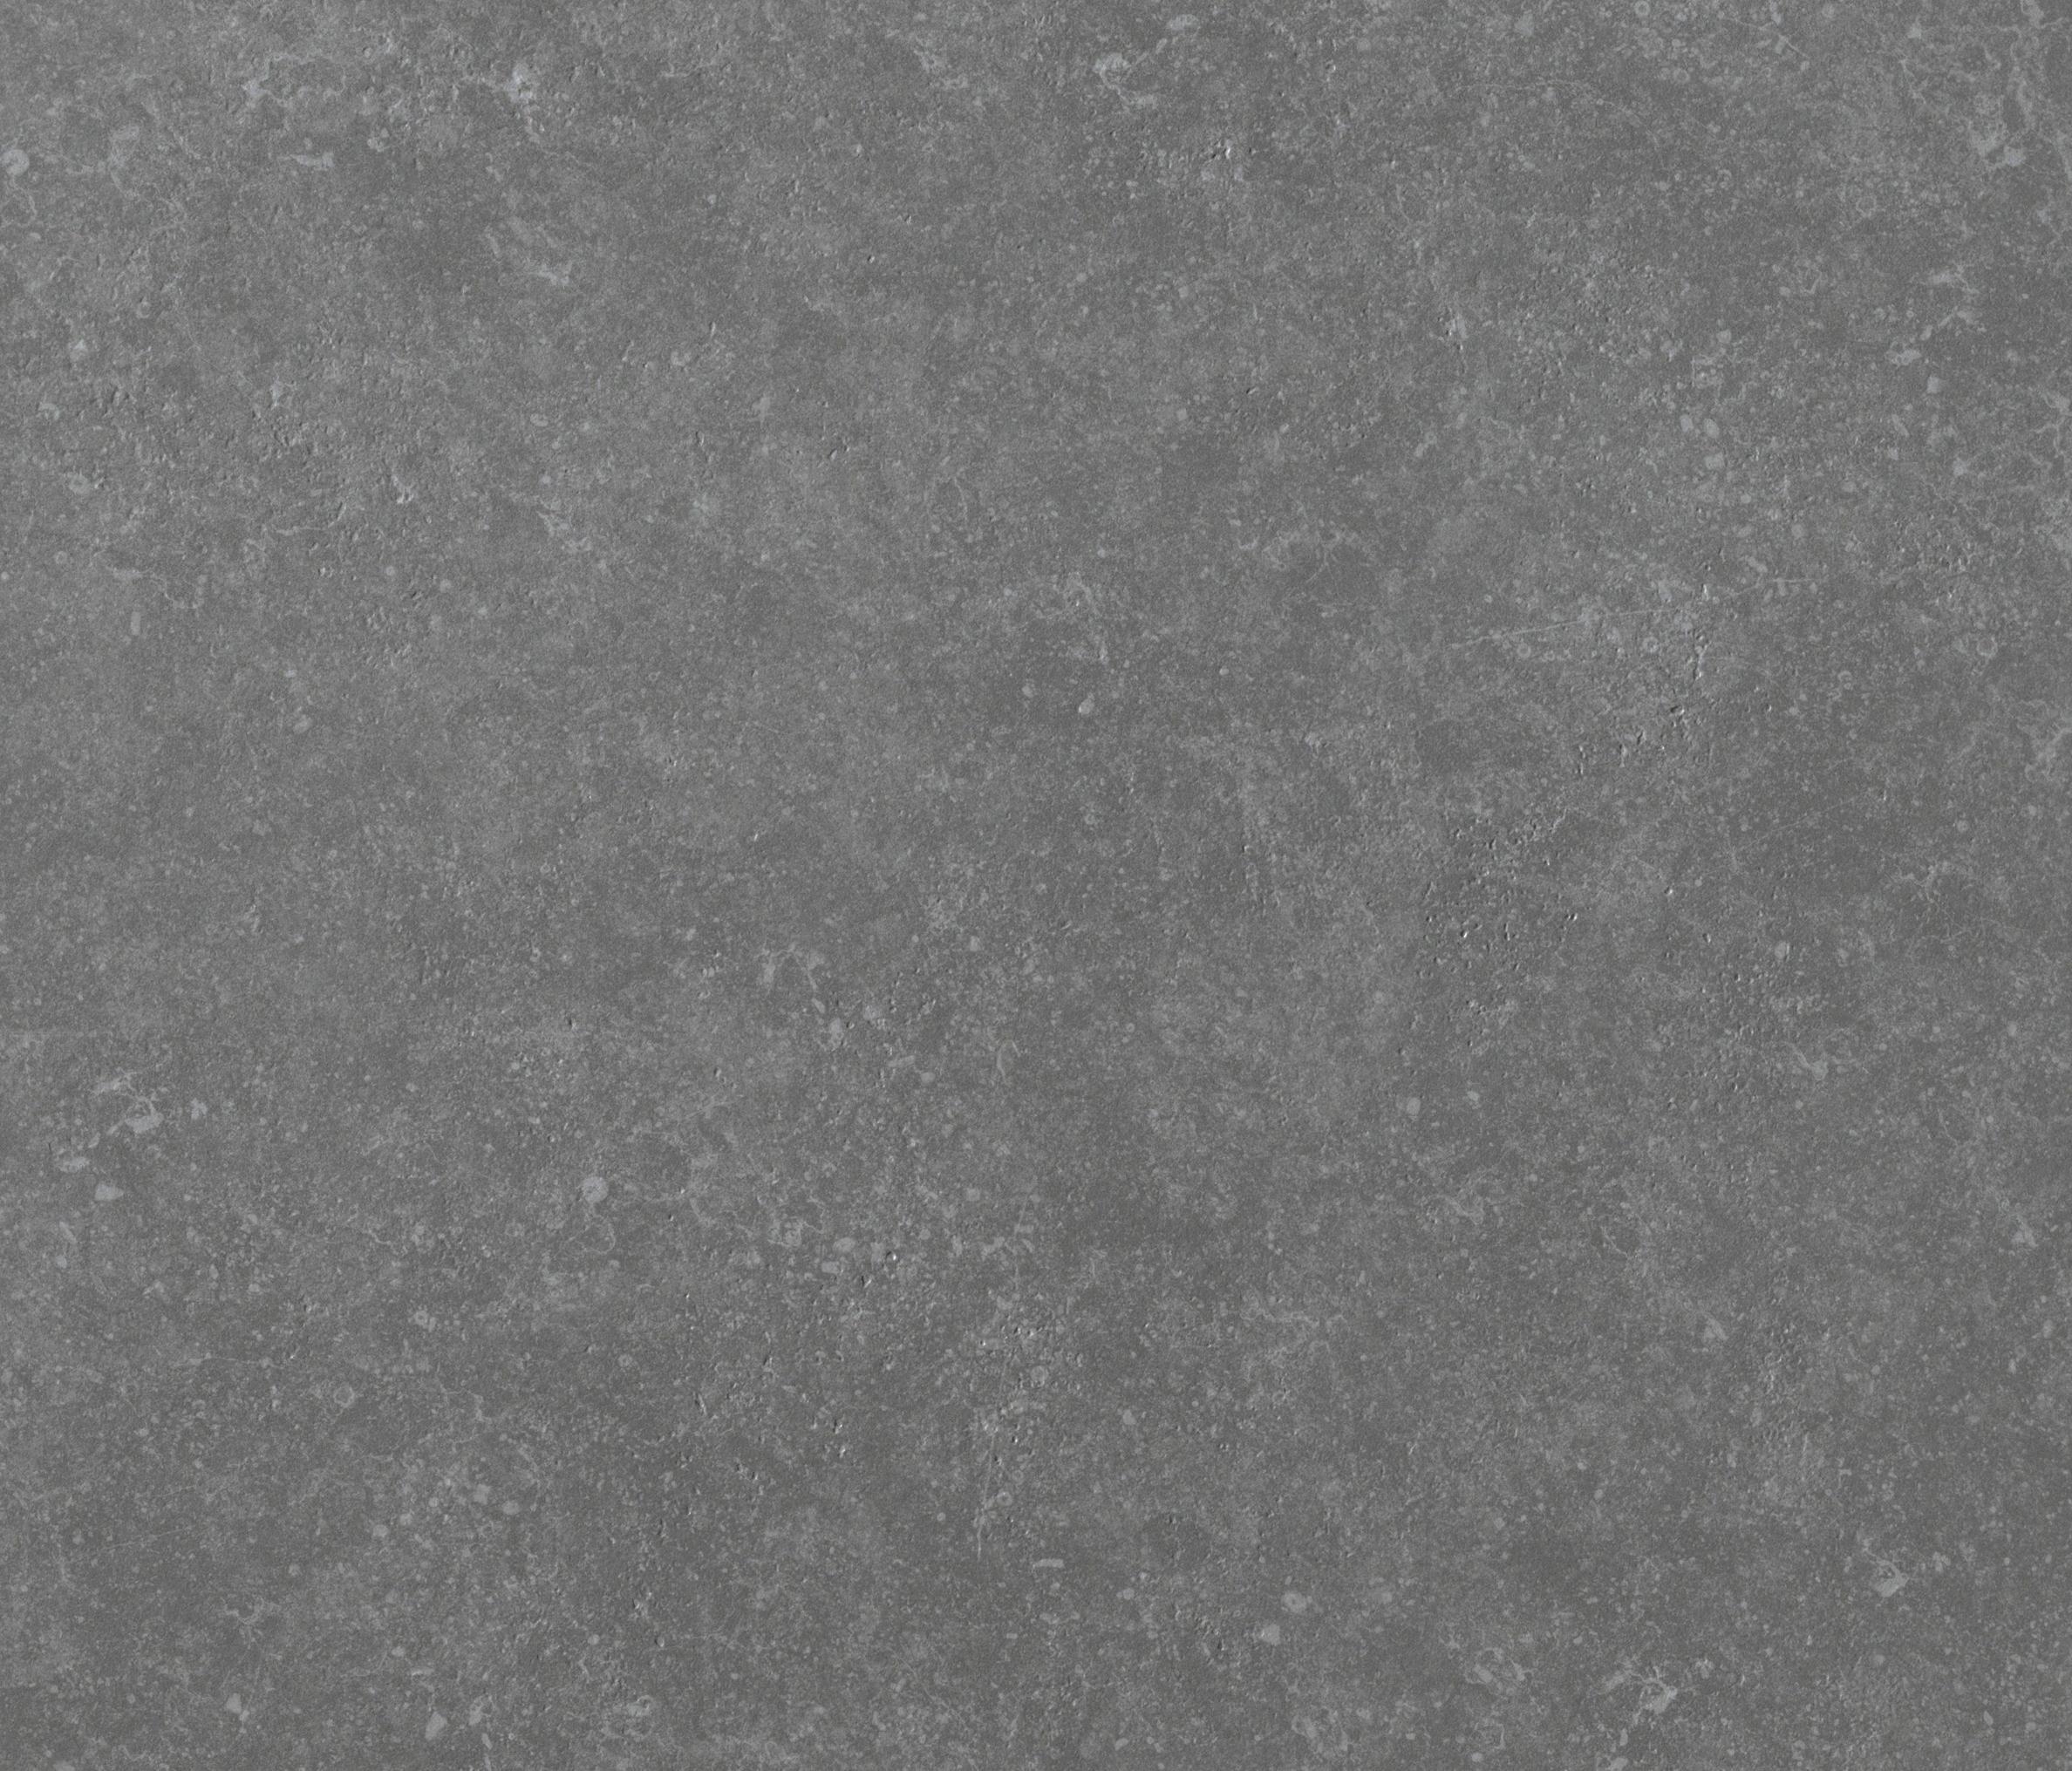 Pietra blue brut floor tiles from casalgrande padana architonic pietra blue brut by casalgrande padana floor tiles dailygadgetfo Gallery